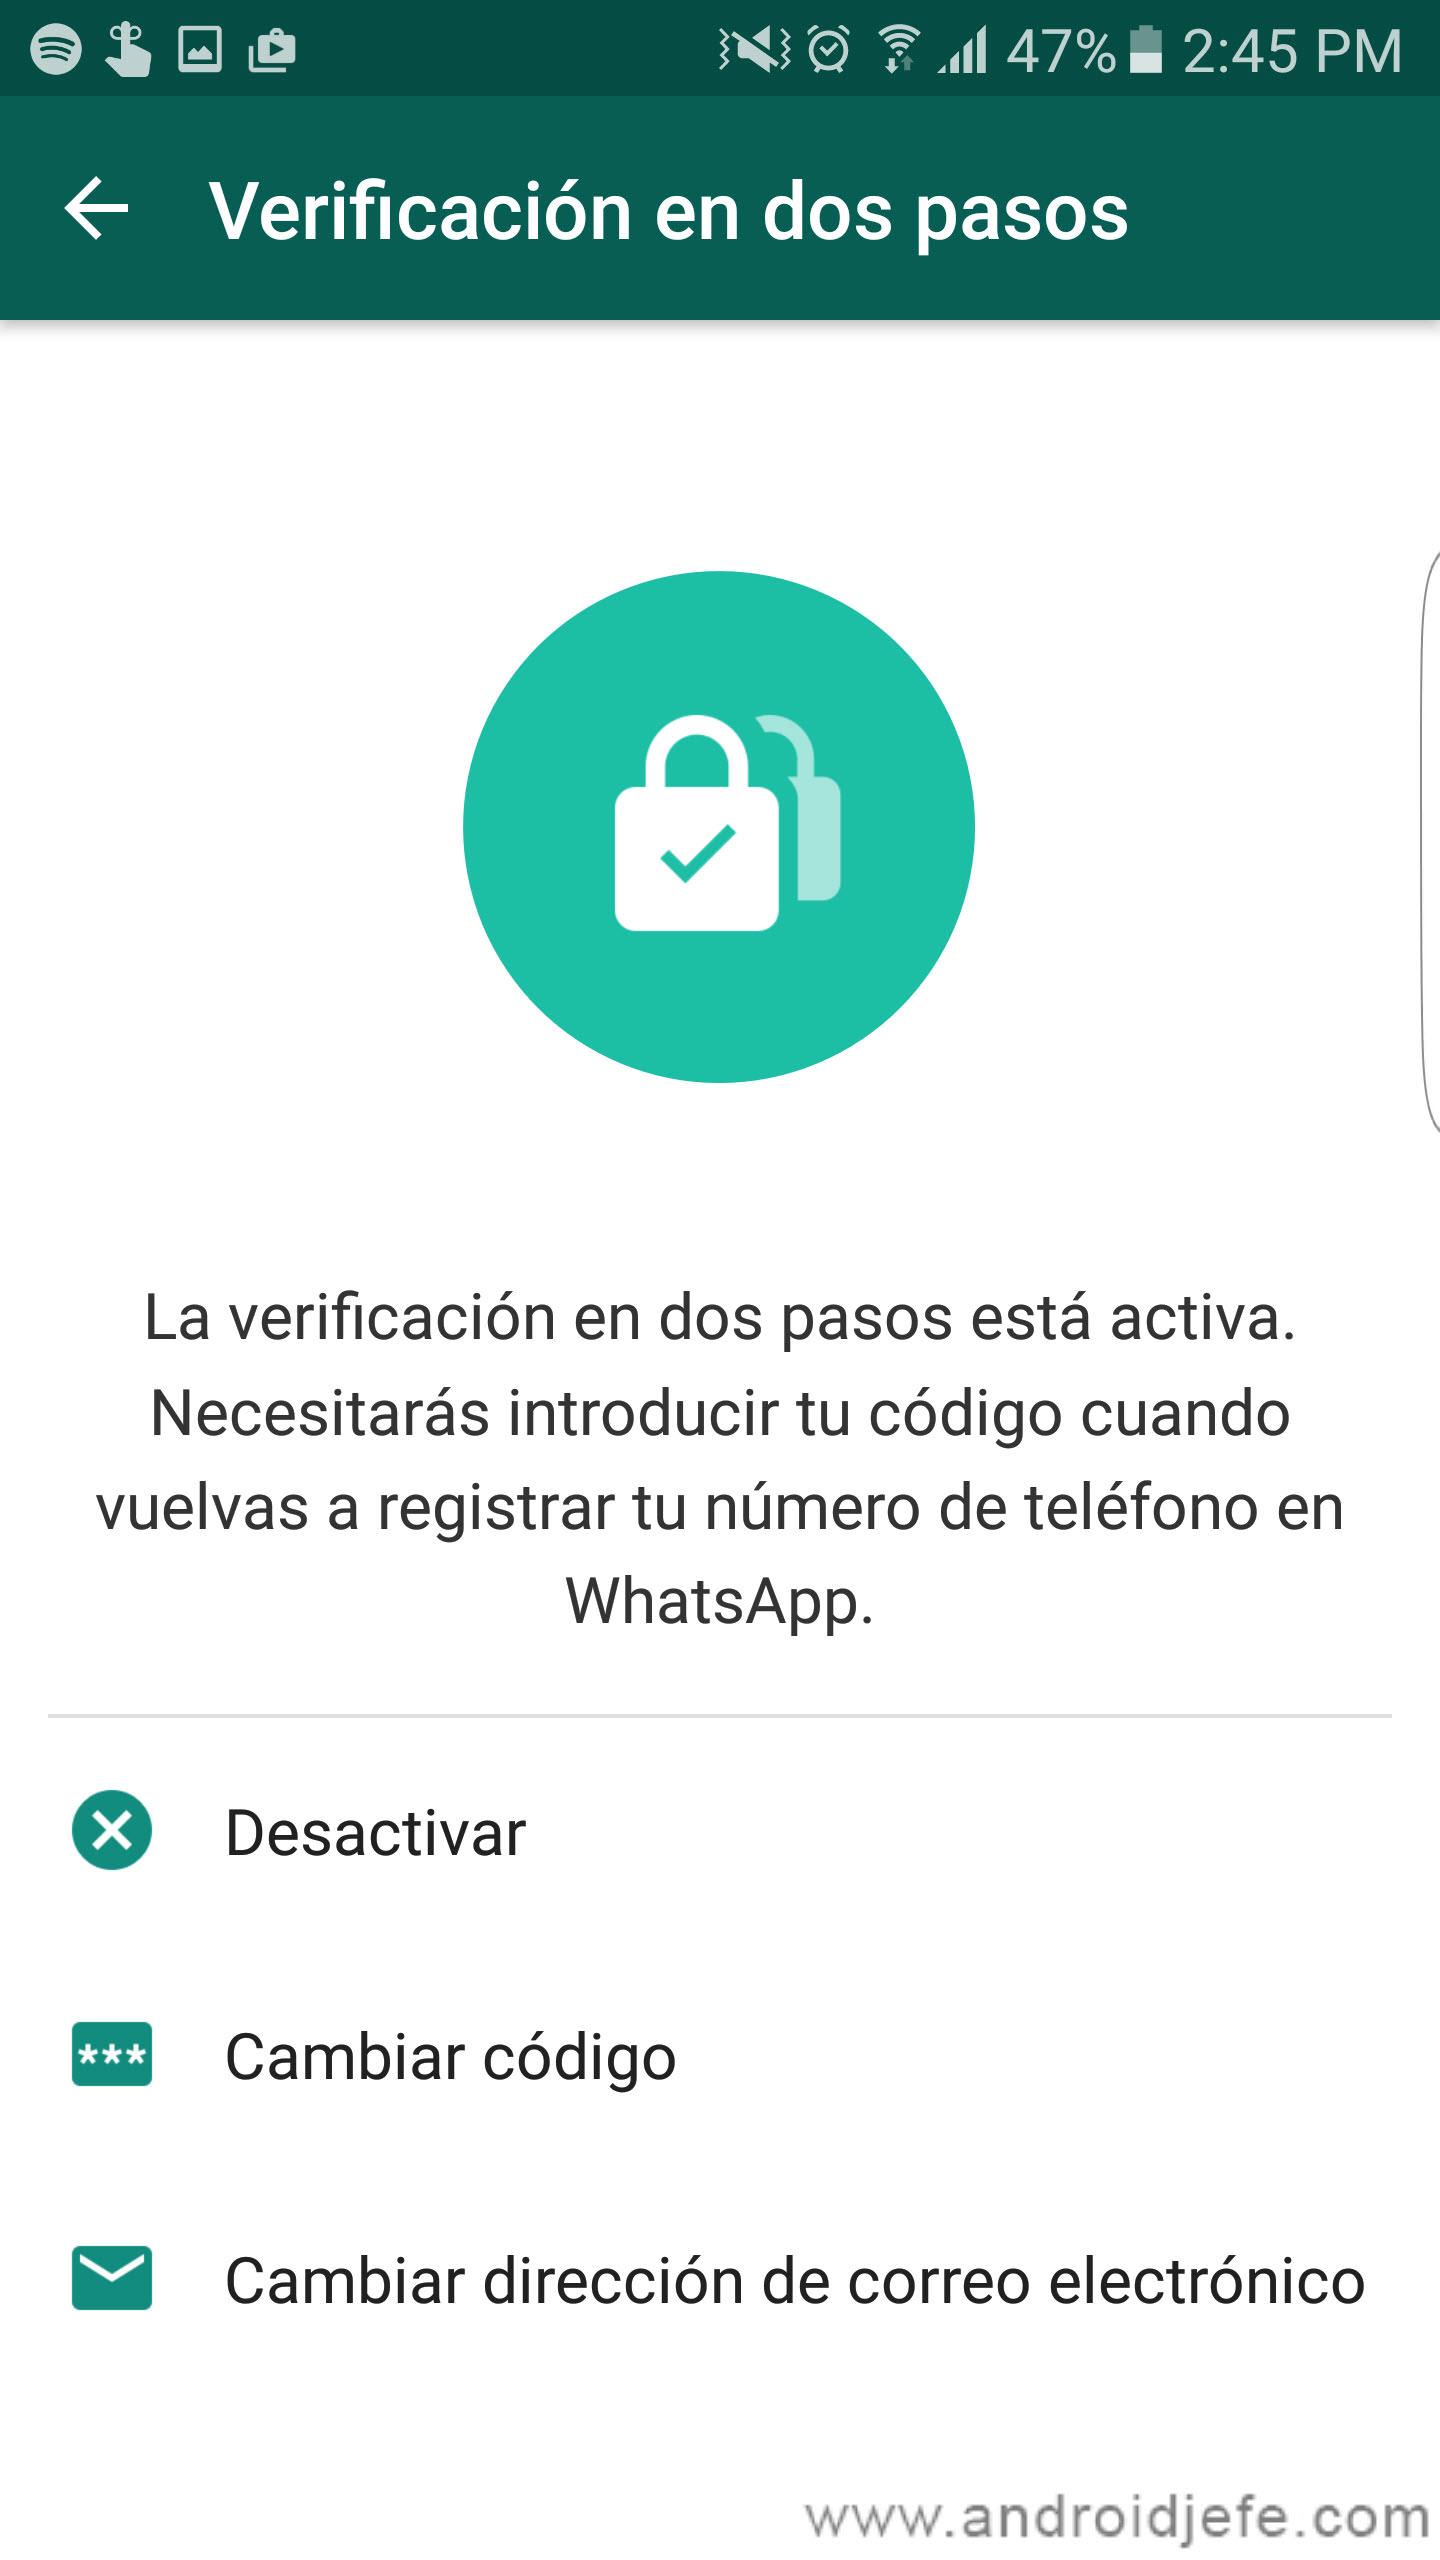 Protege tu cuenta de WhatsApp con la verificación de dos pasos